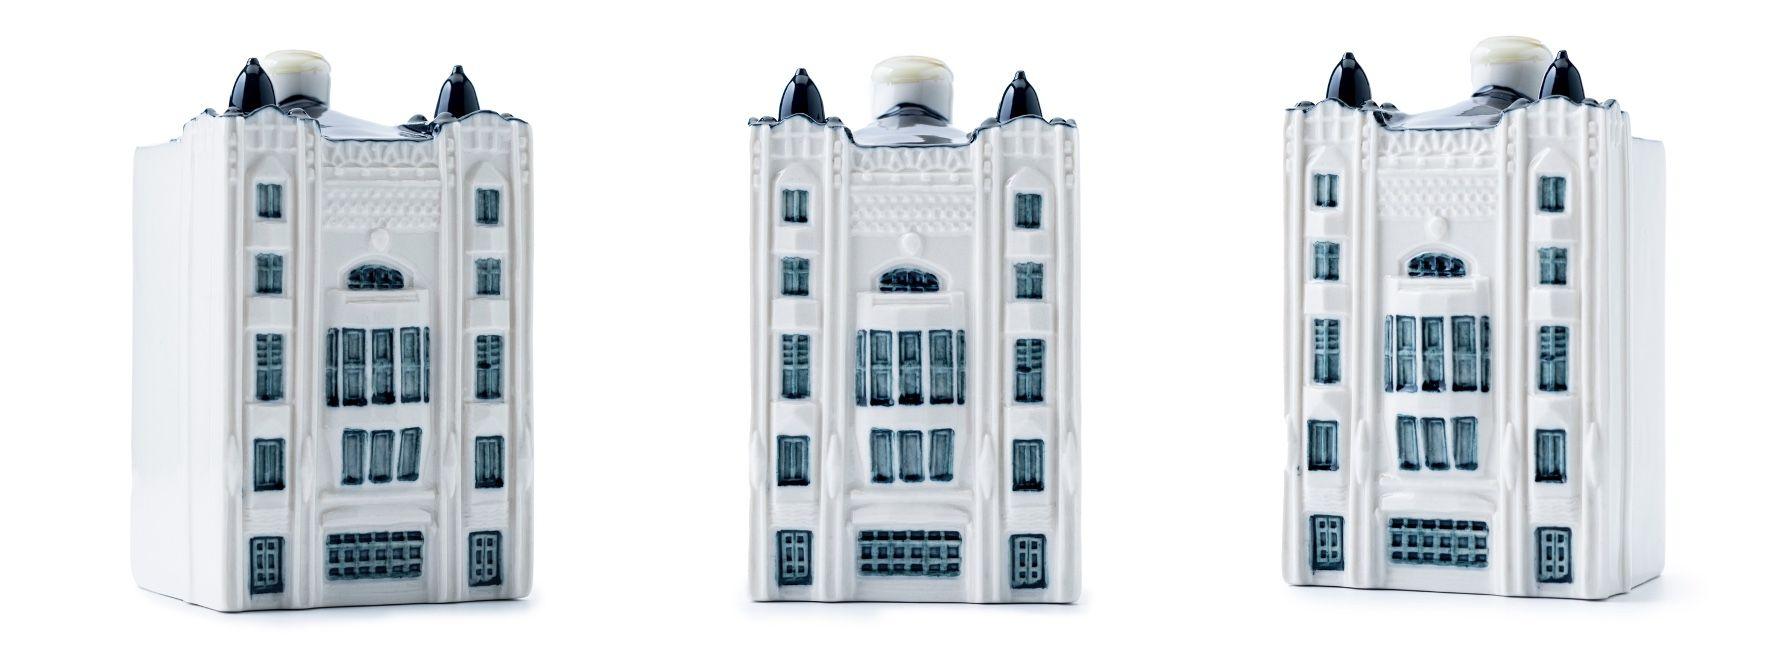 KLM casinha 102